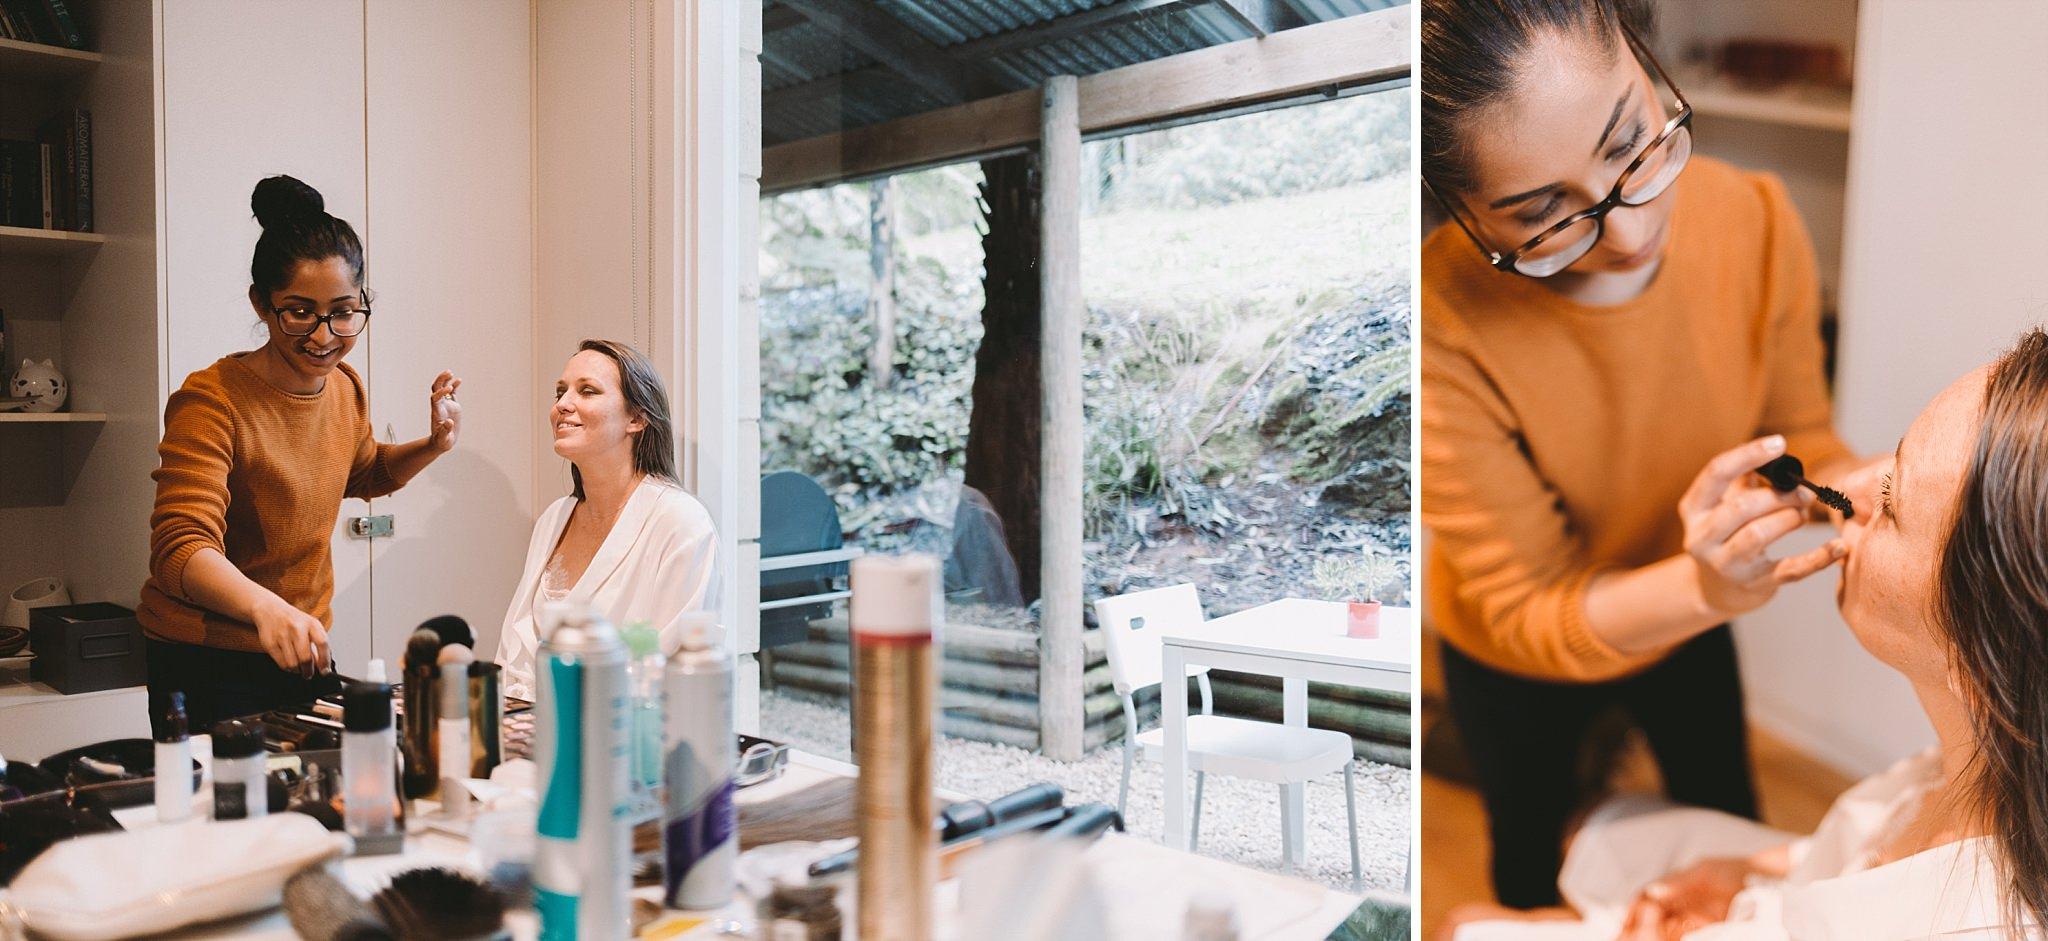 Tatra Dandenong Wedding Photography Natural Candid (12).JPG